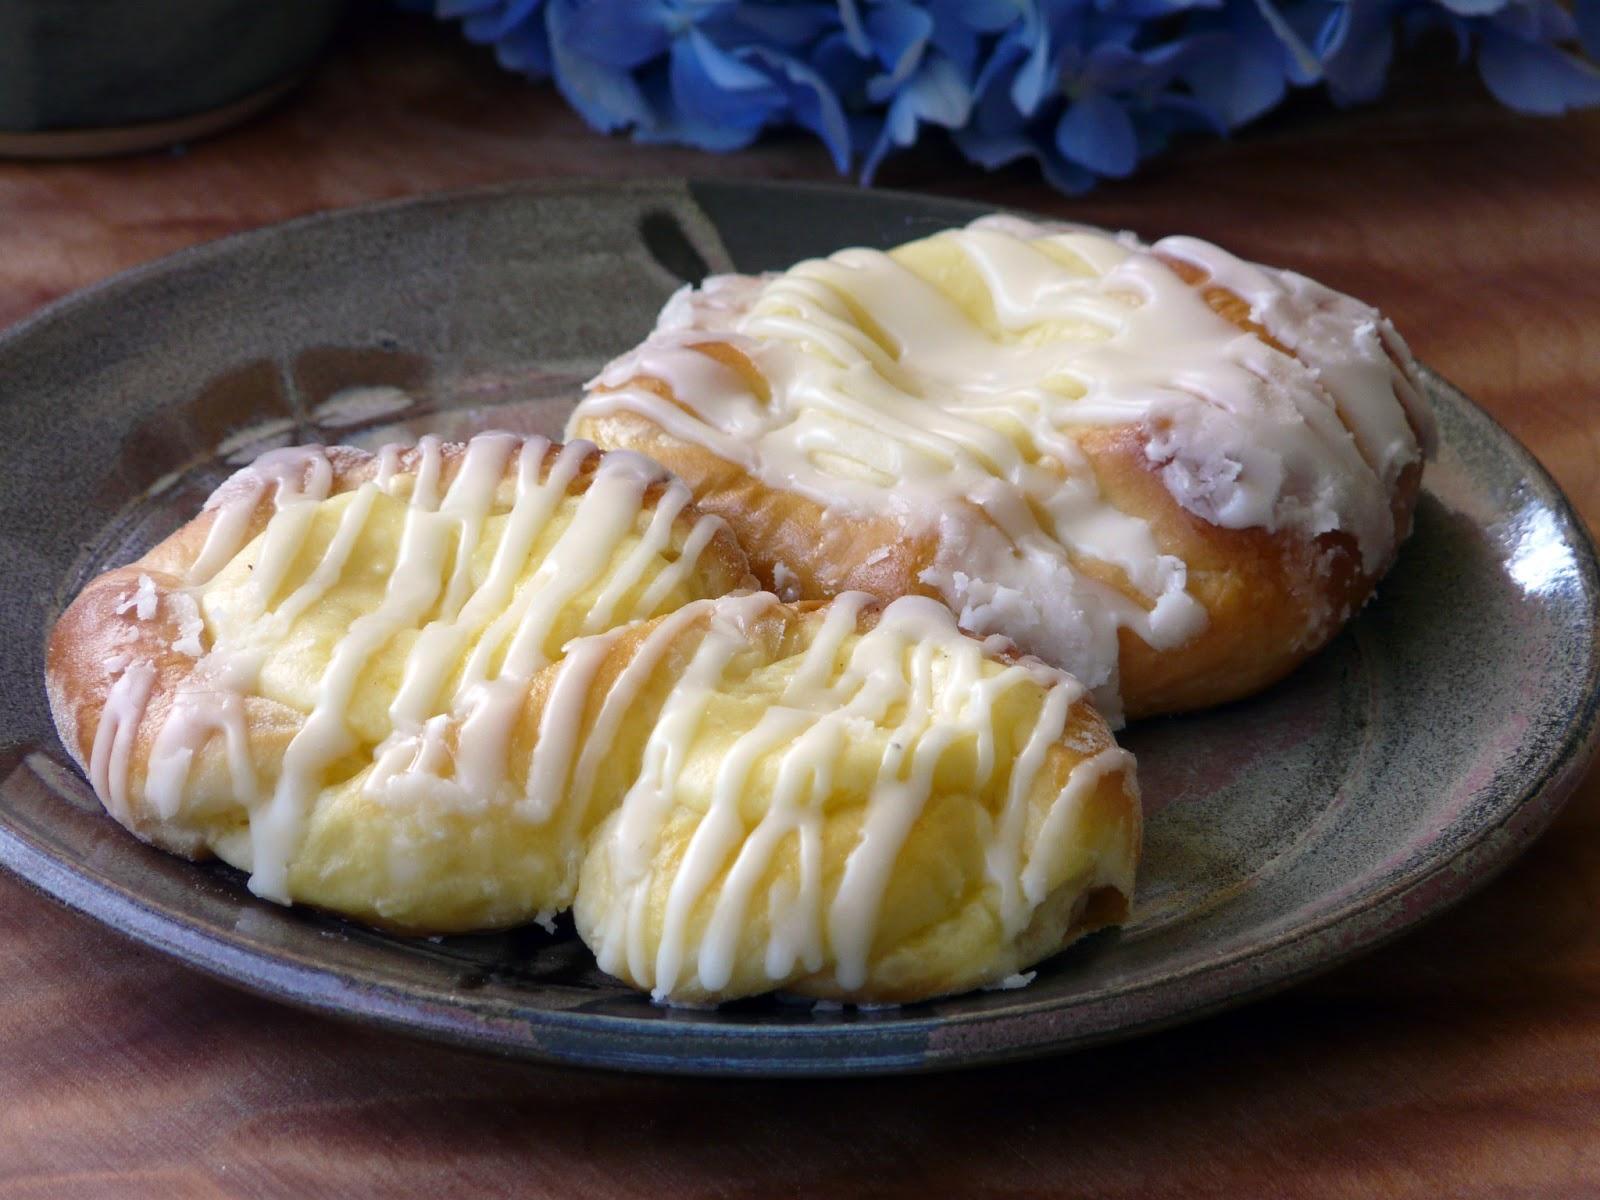 Thibeault S Table Cream Cheese Danish